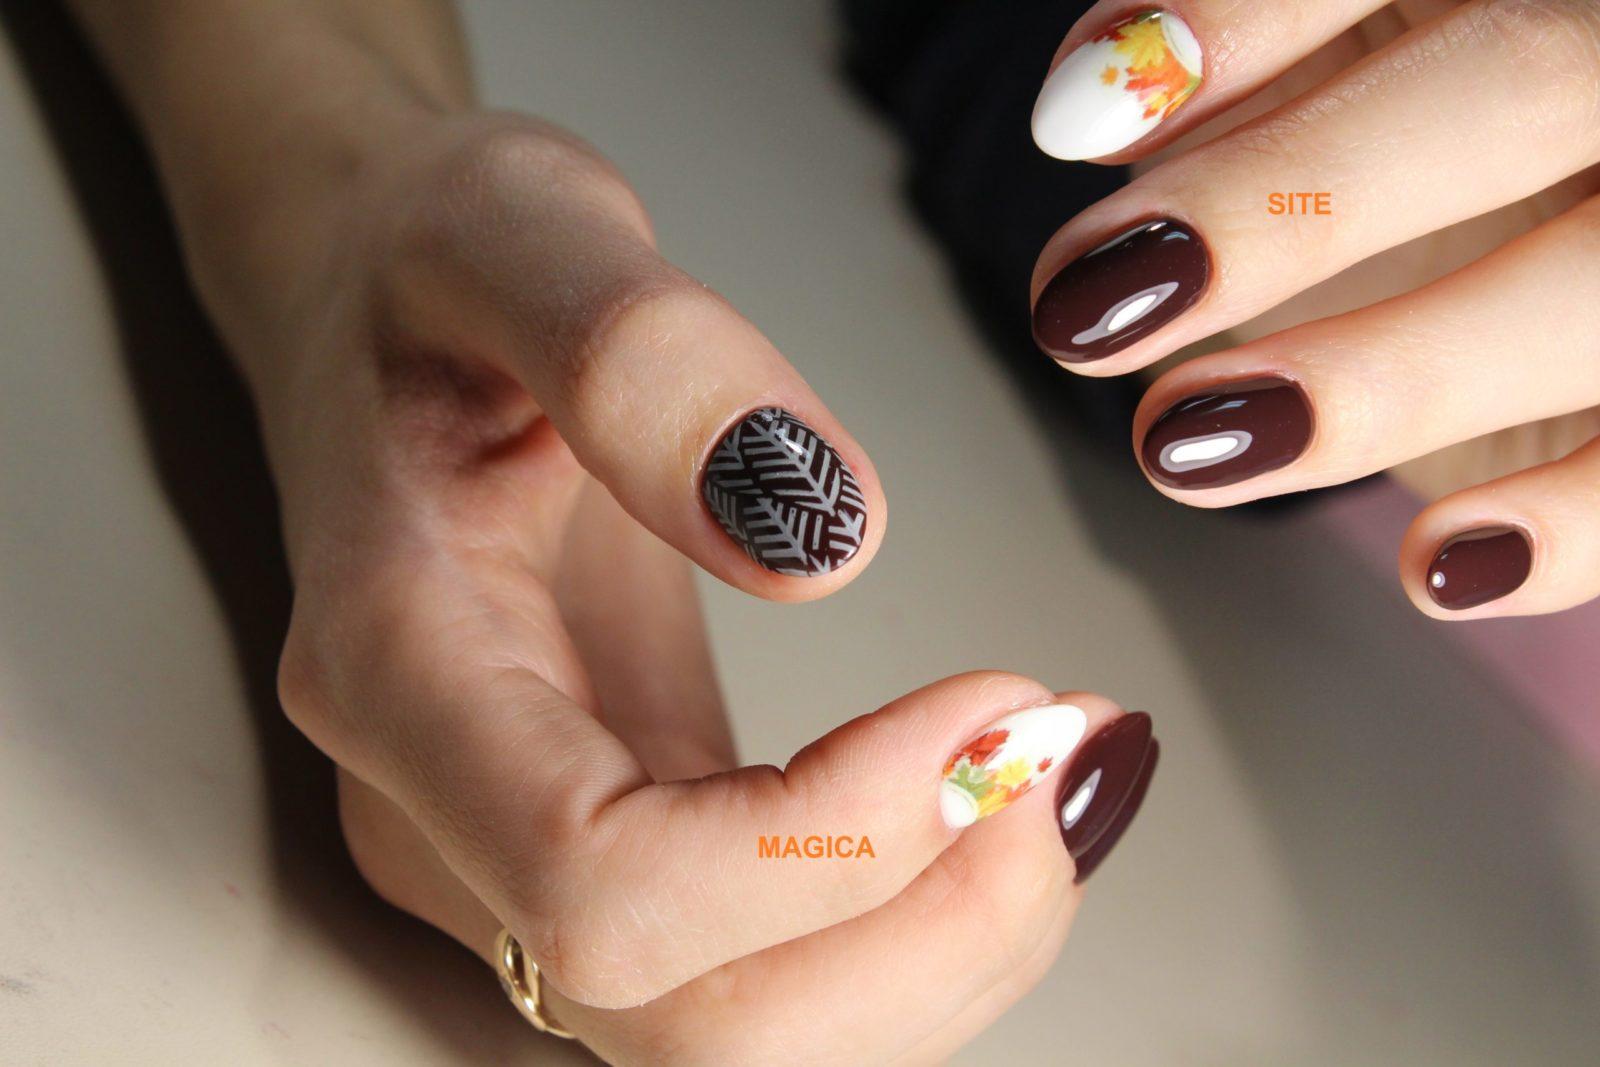 осенний маникюр, ногтевой дизайн, рисунки на ногтях, бордовые ногти, винный цвет, белые ногти, разноцветные ногти, комбинированный маникюр, листья на ногтях, кленовые листья, трафарет для ногтей